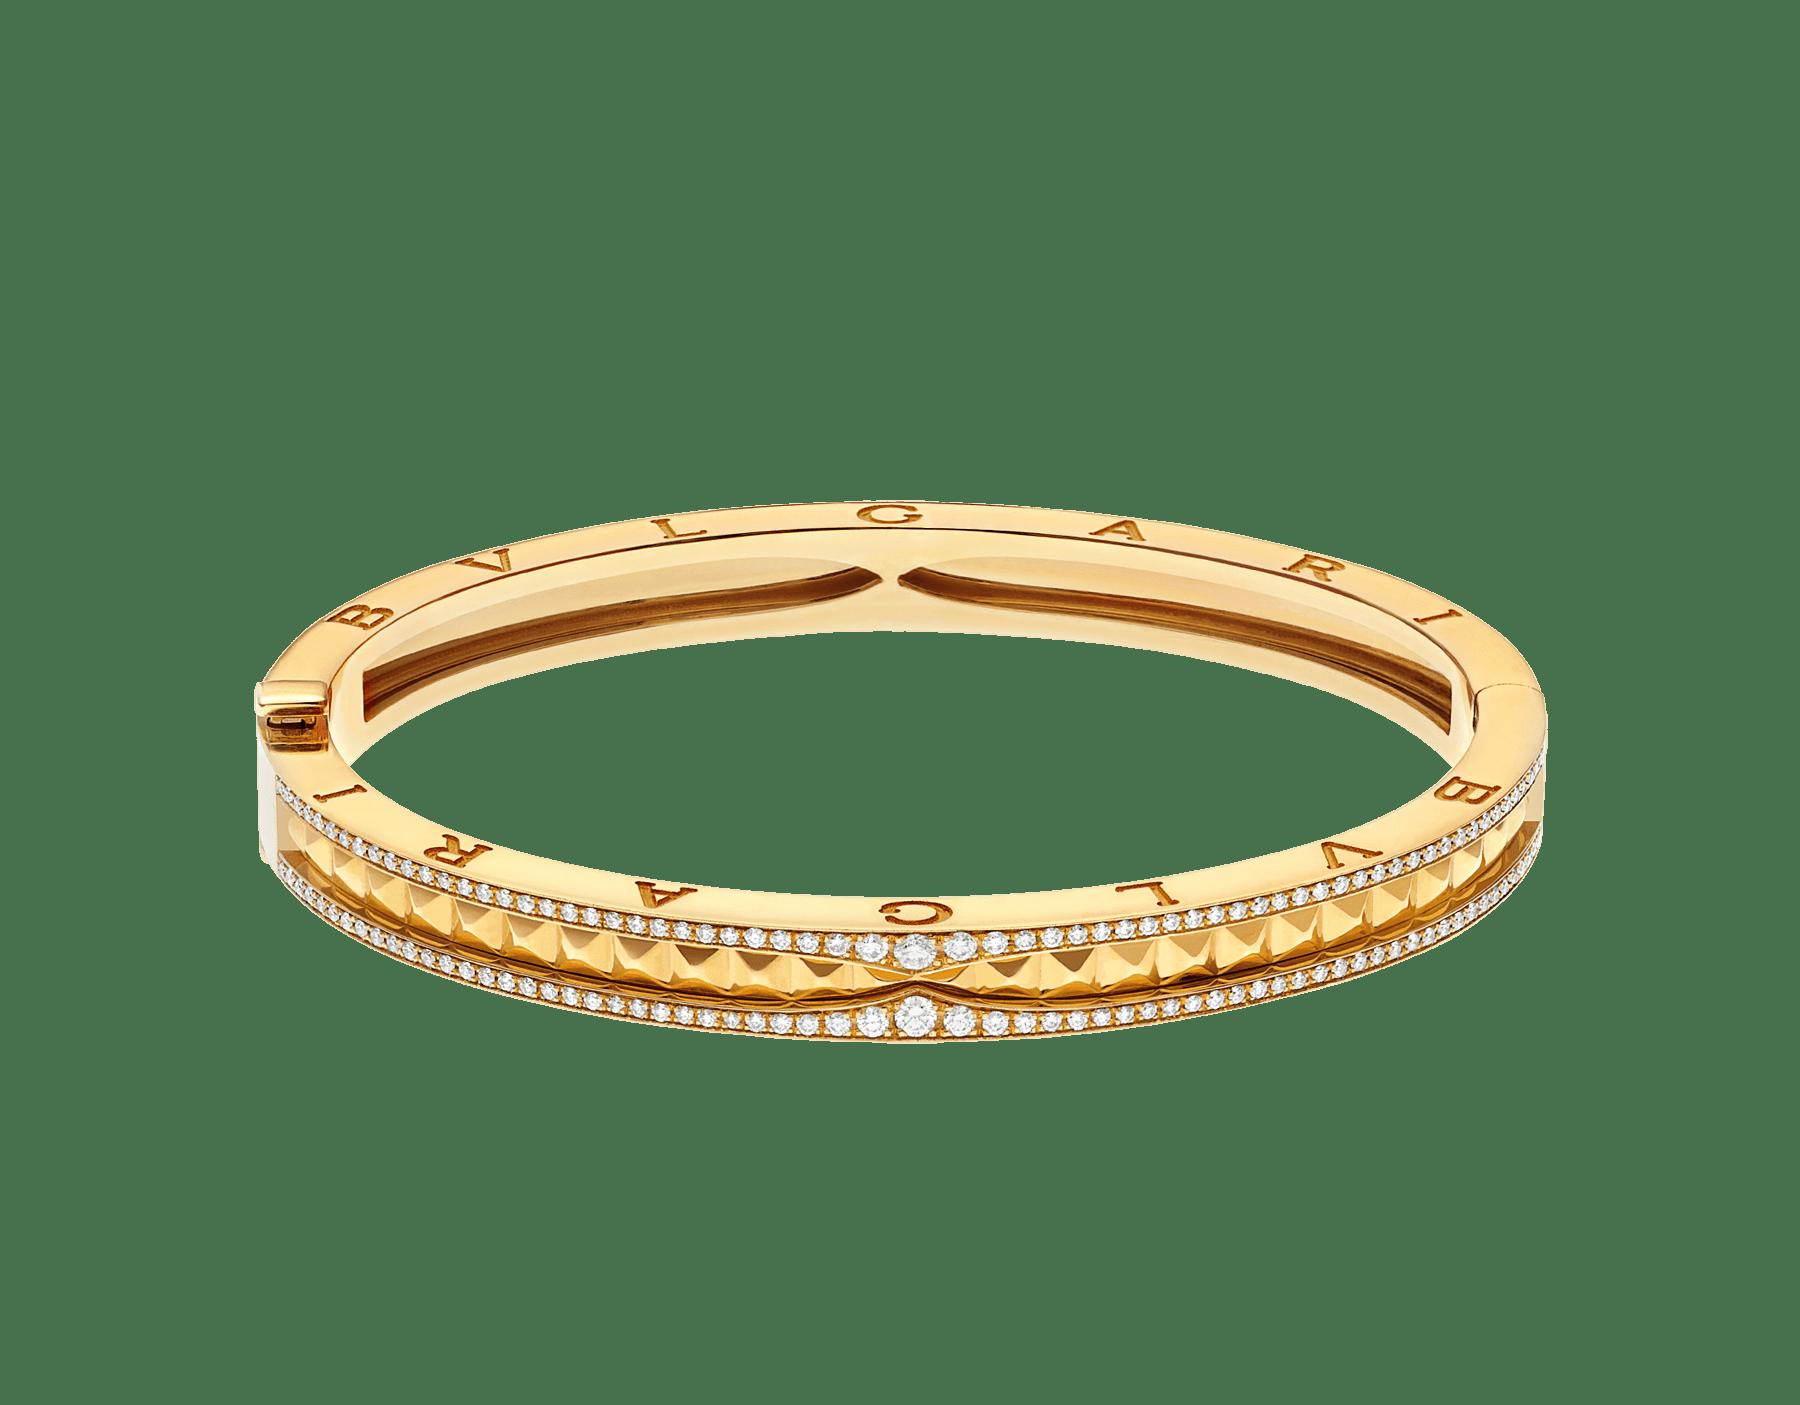 Bracelet B.zero1 Rock en or jaune 18K avec spirale cloutée et pavé diamant sur les bords. BR859028 image 2